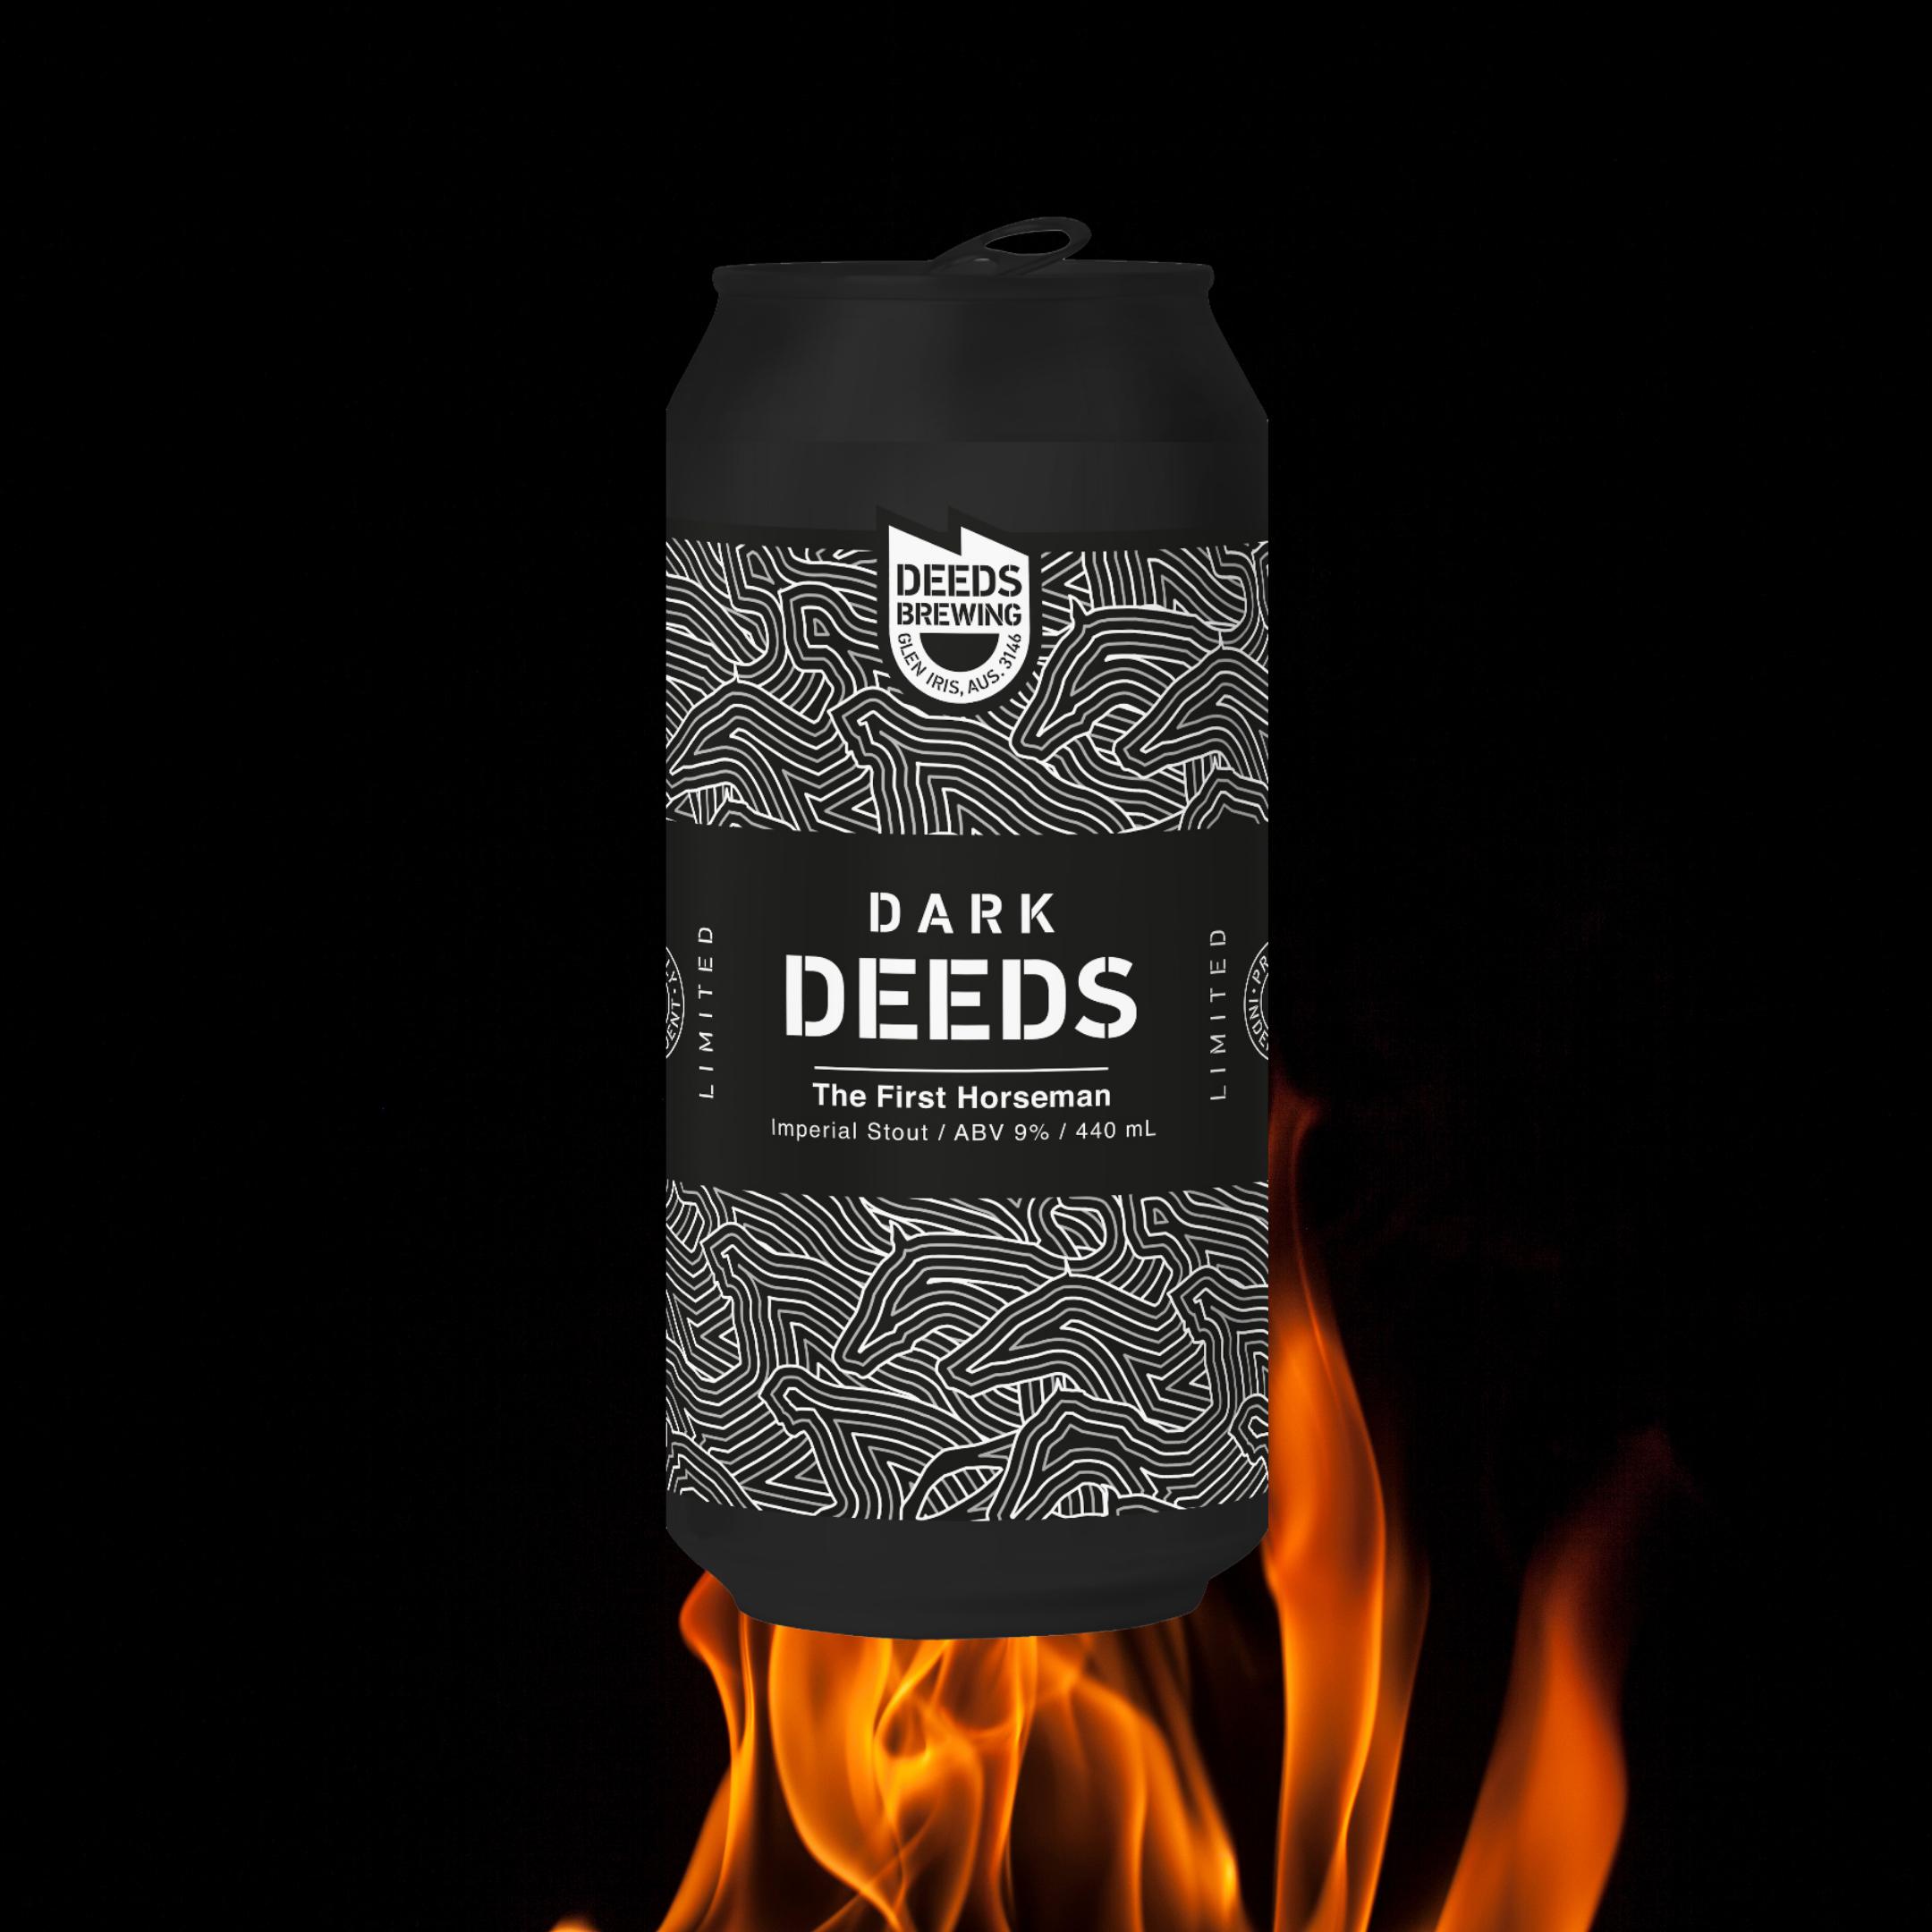 Dark Deeds - The First Horseman